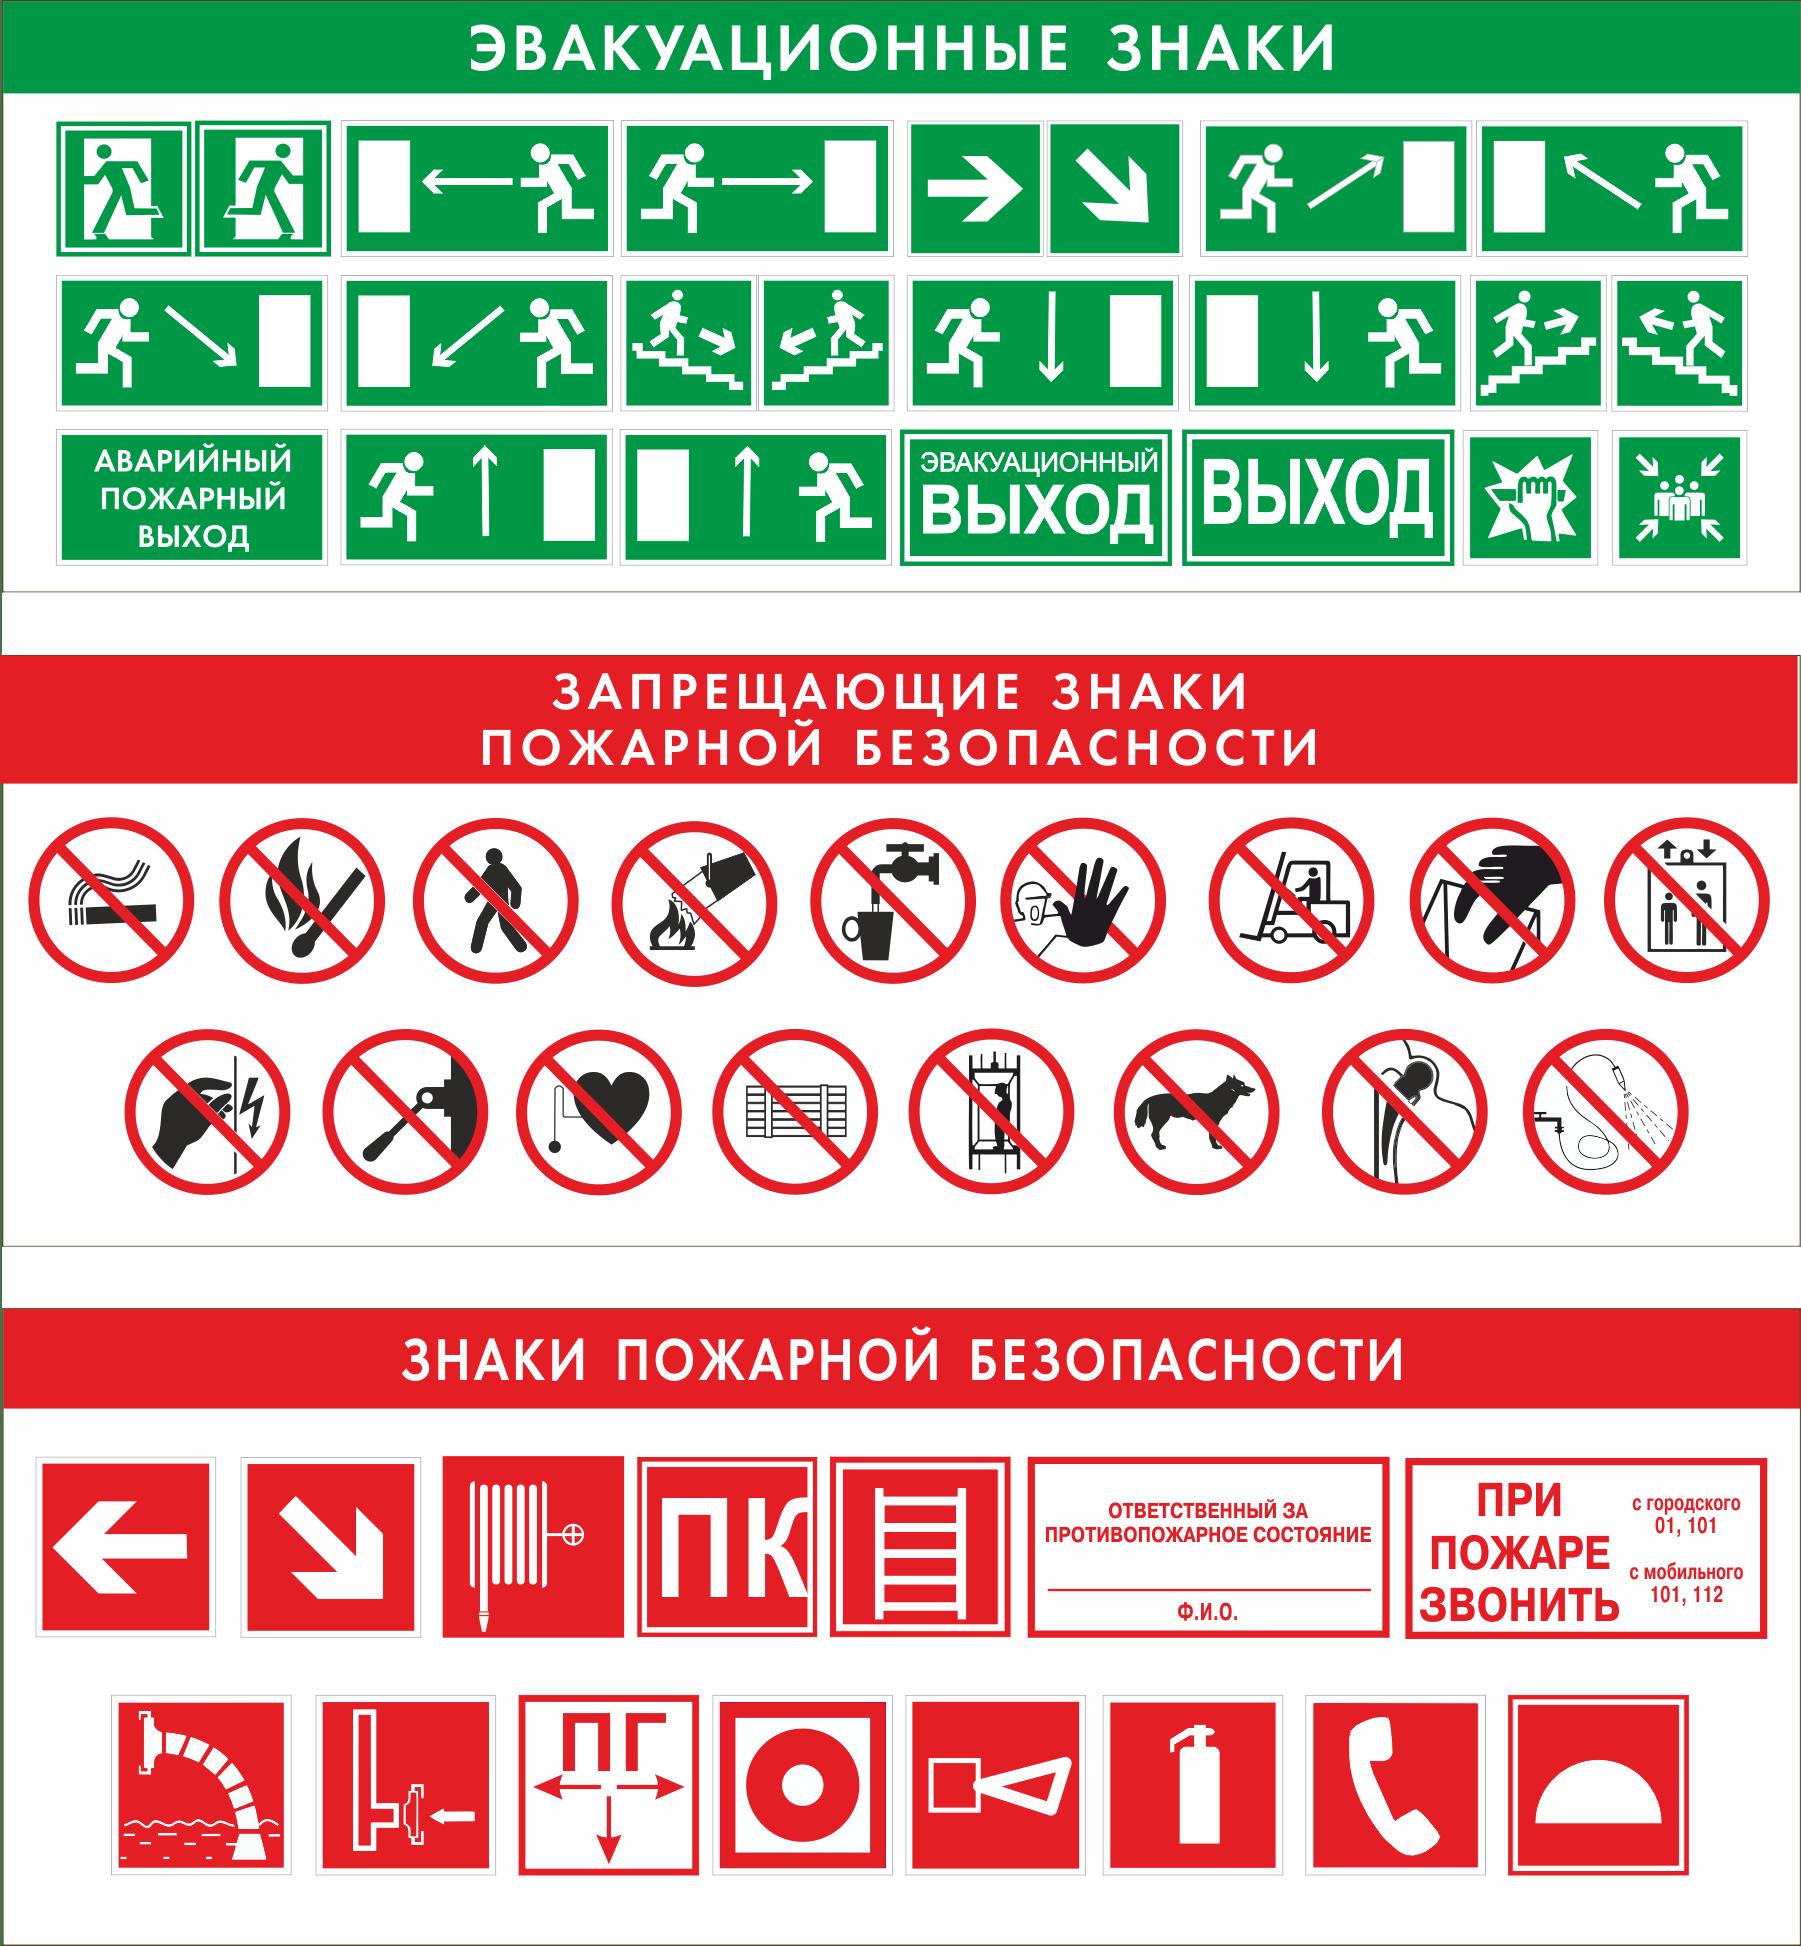 Пожарные и эвакуационные знаки